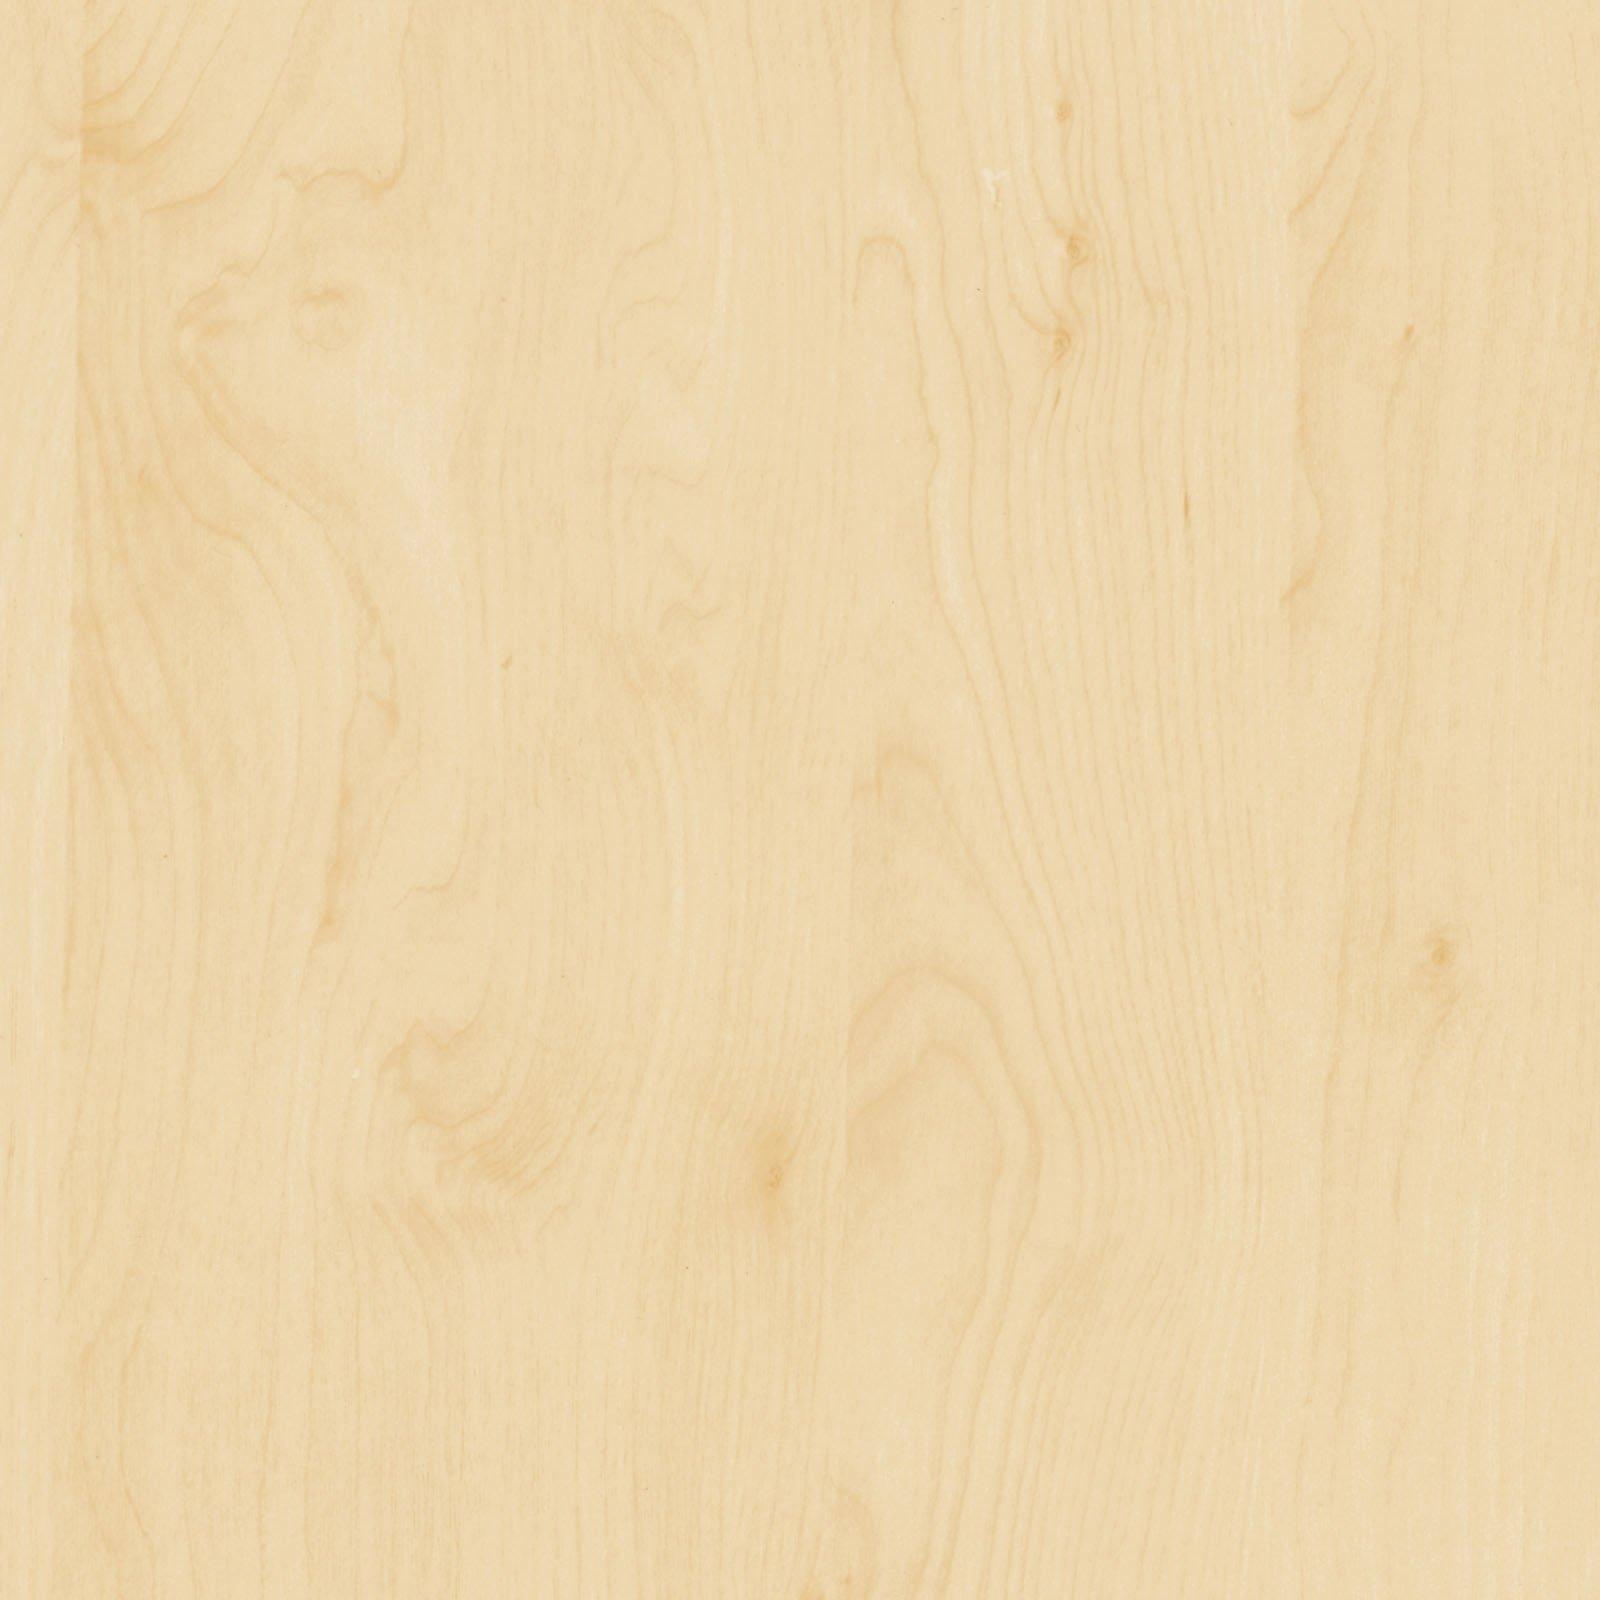 d-c fix Möbelfolie - Birkenholz-Optik - 45x200 cm | Dekor ...